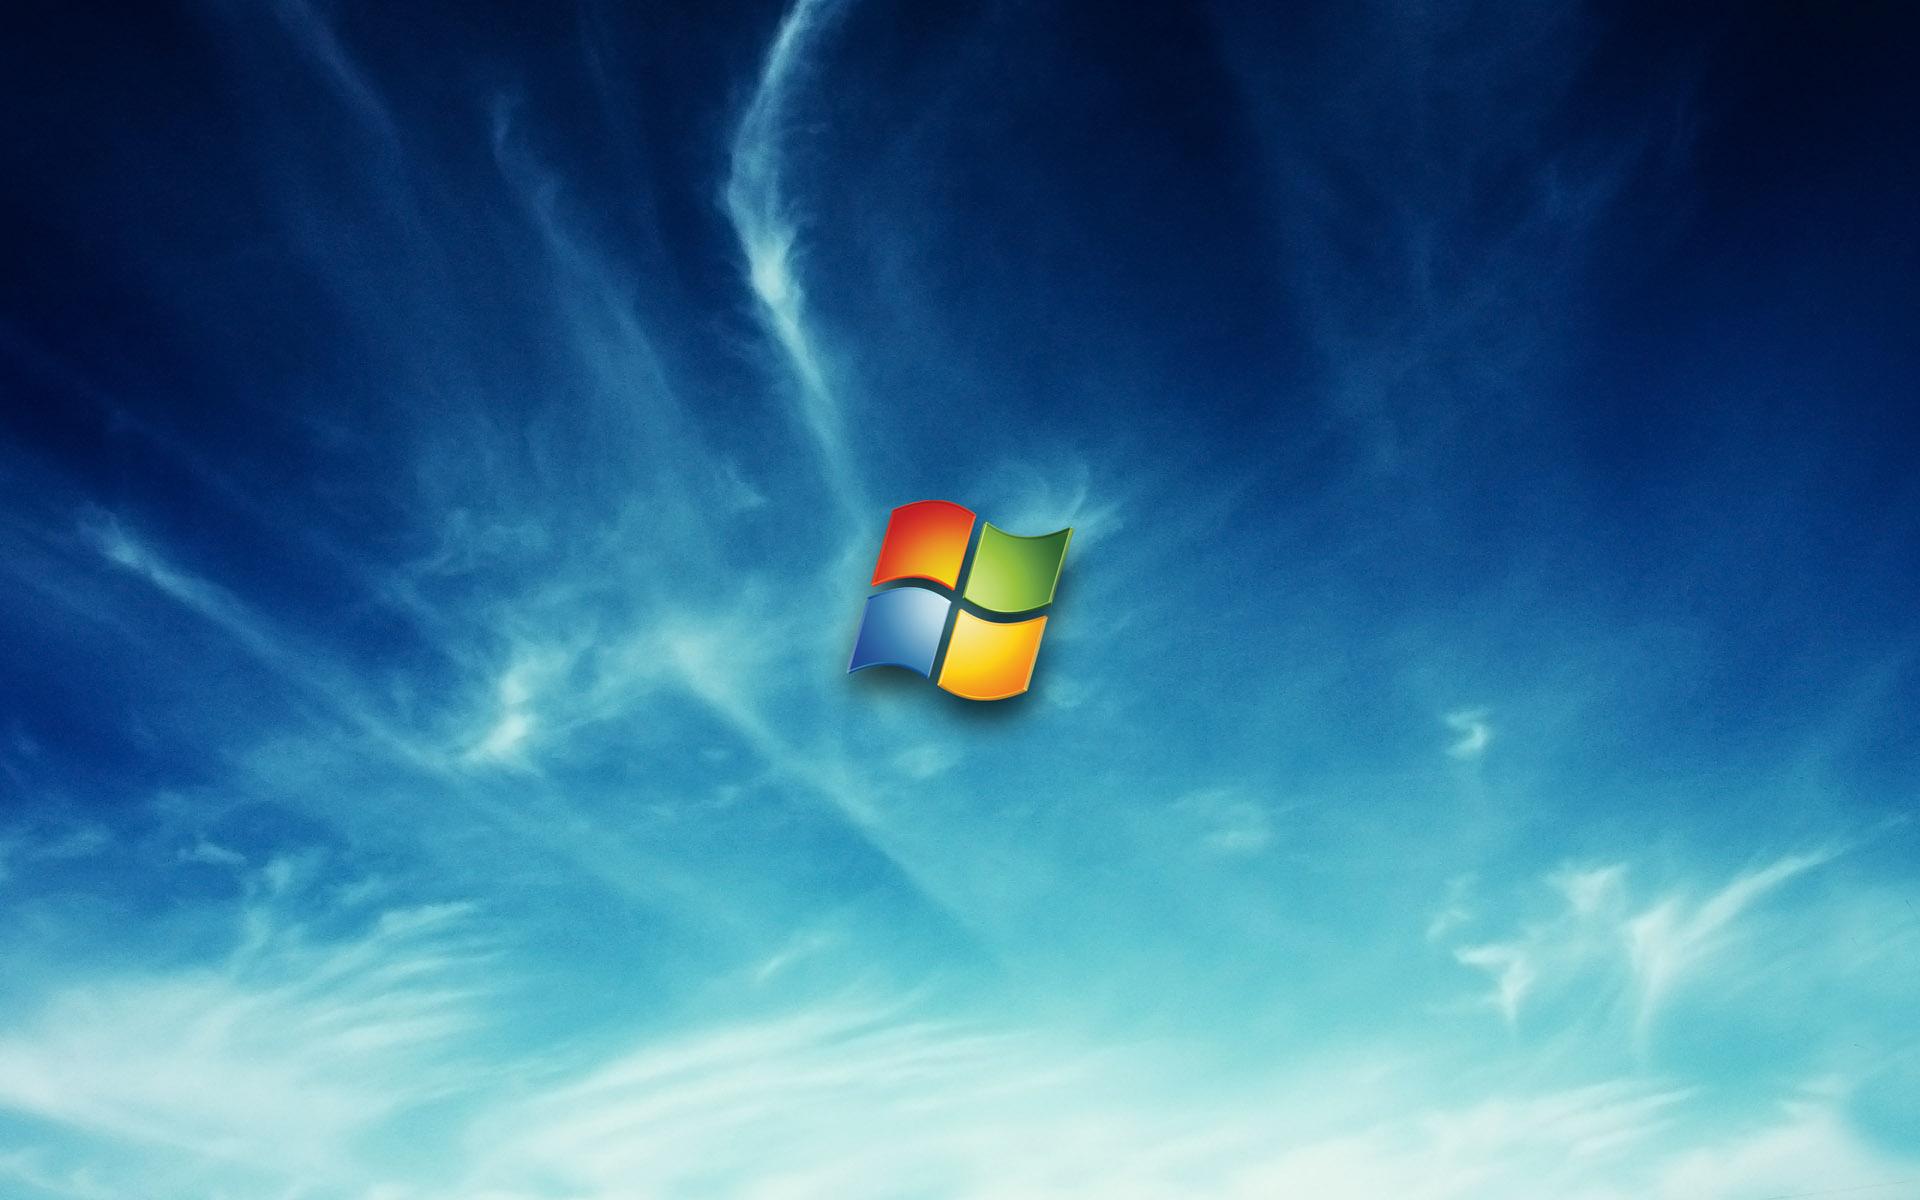 windows7官方主题壁纸